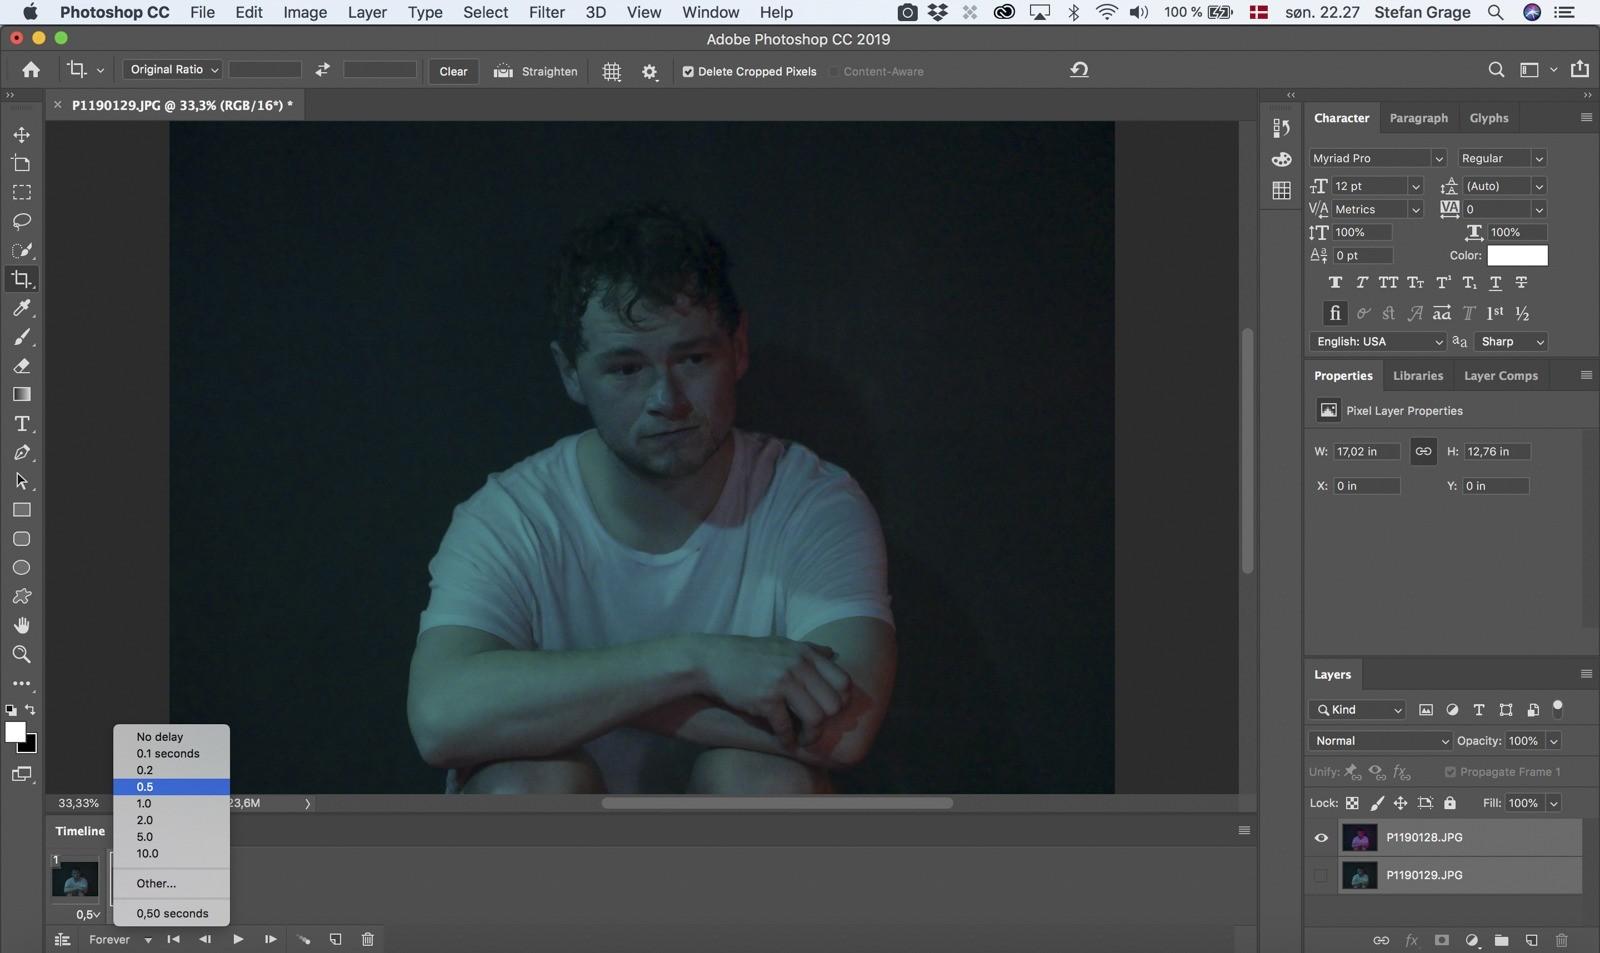 Photoshop: Juster varighed for billederne i GIF'en